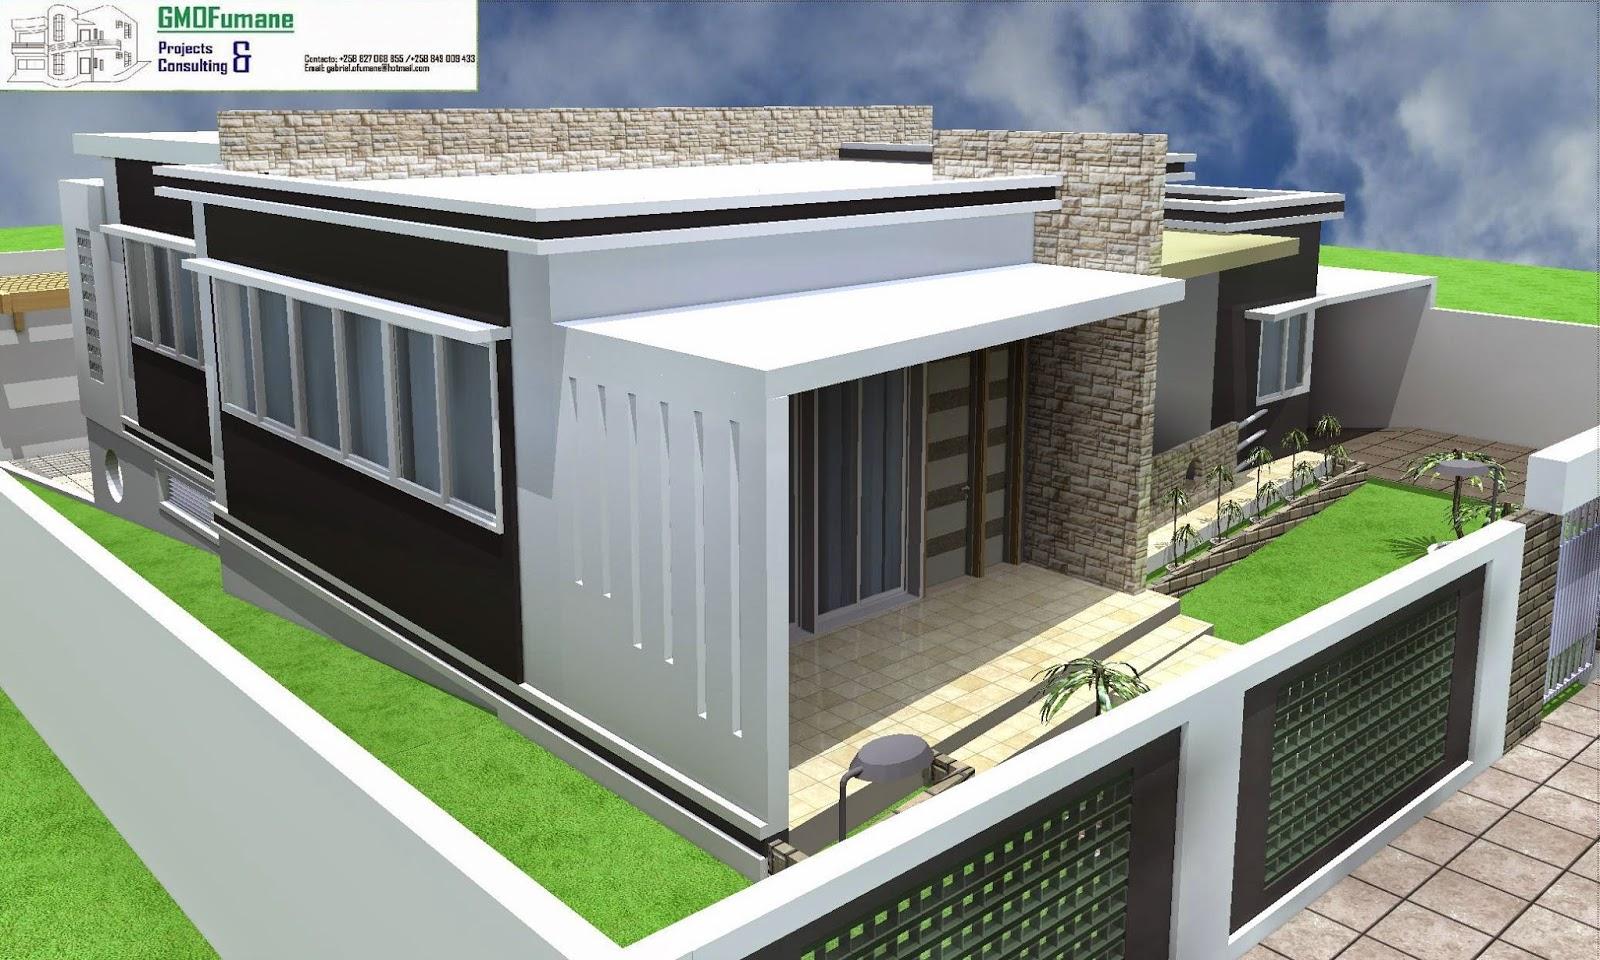 Plantas de casas modernas tipo 3 com suite planta tipo 3 for Plantas de casas tipo 3 modernas